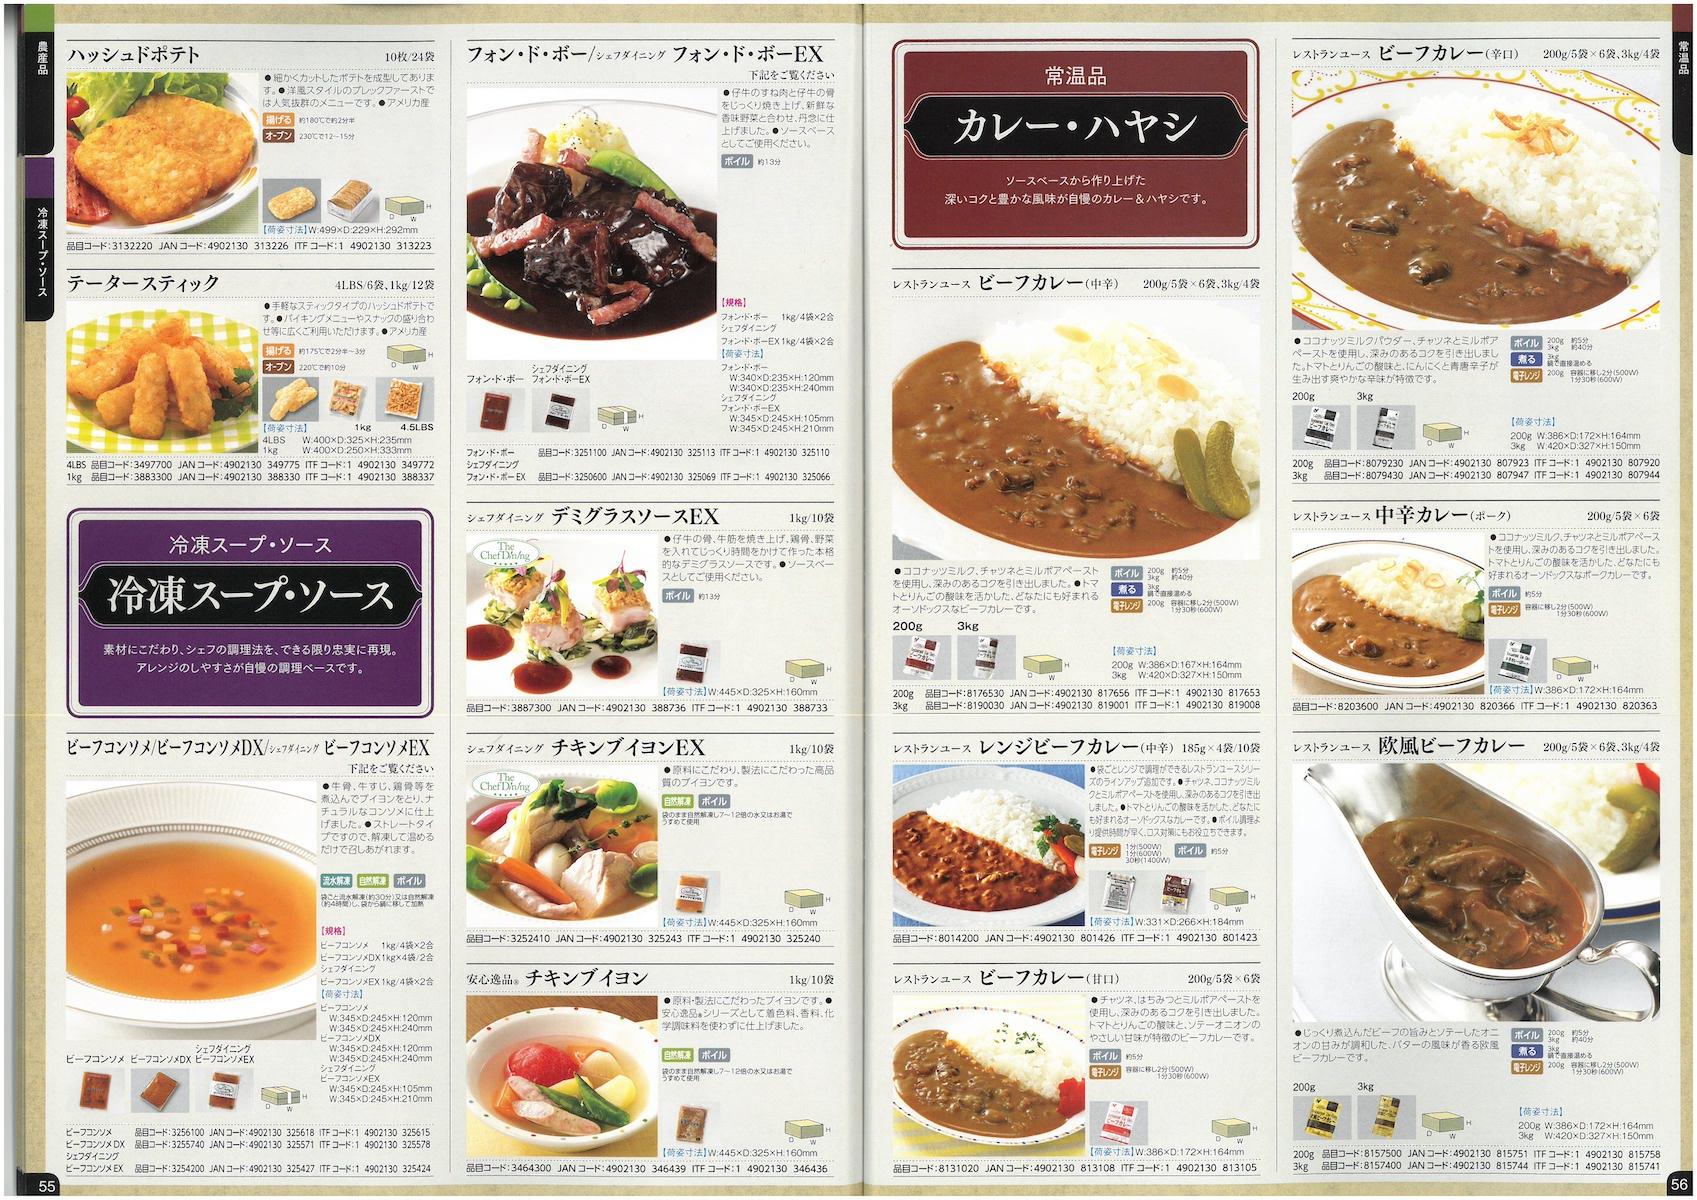 ニチレイフーズ総合商品カタログ2020 業務用 冷凍・常温商品 NICHIREI CATALOG2020